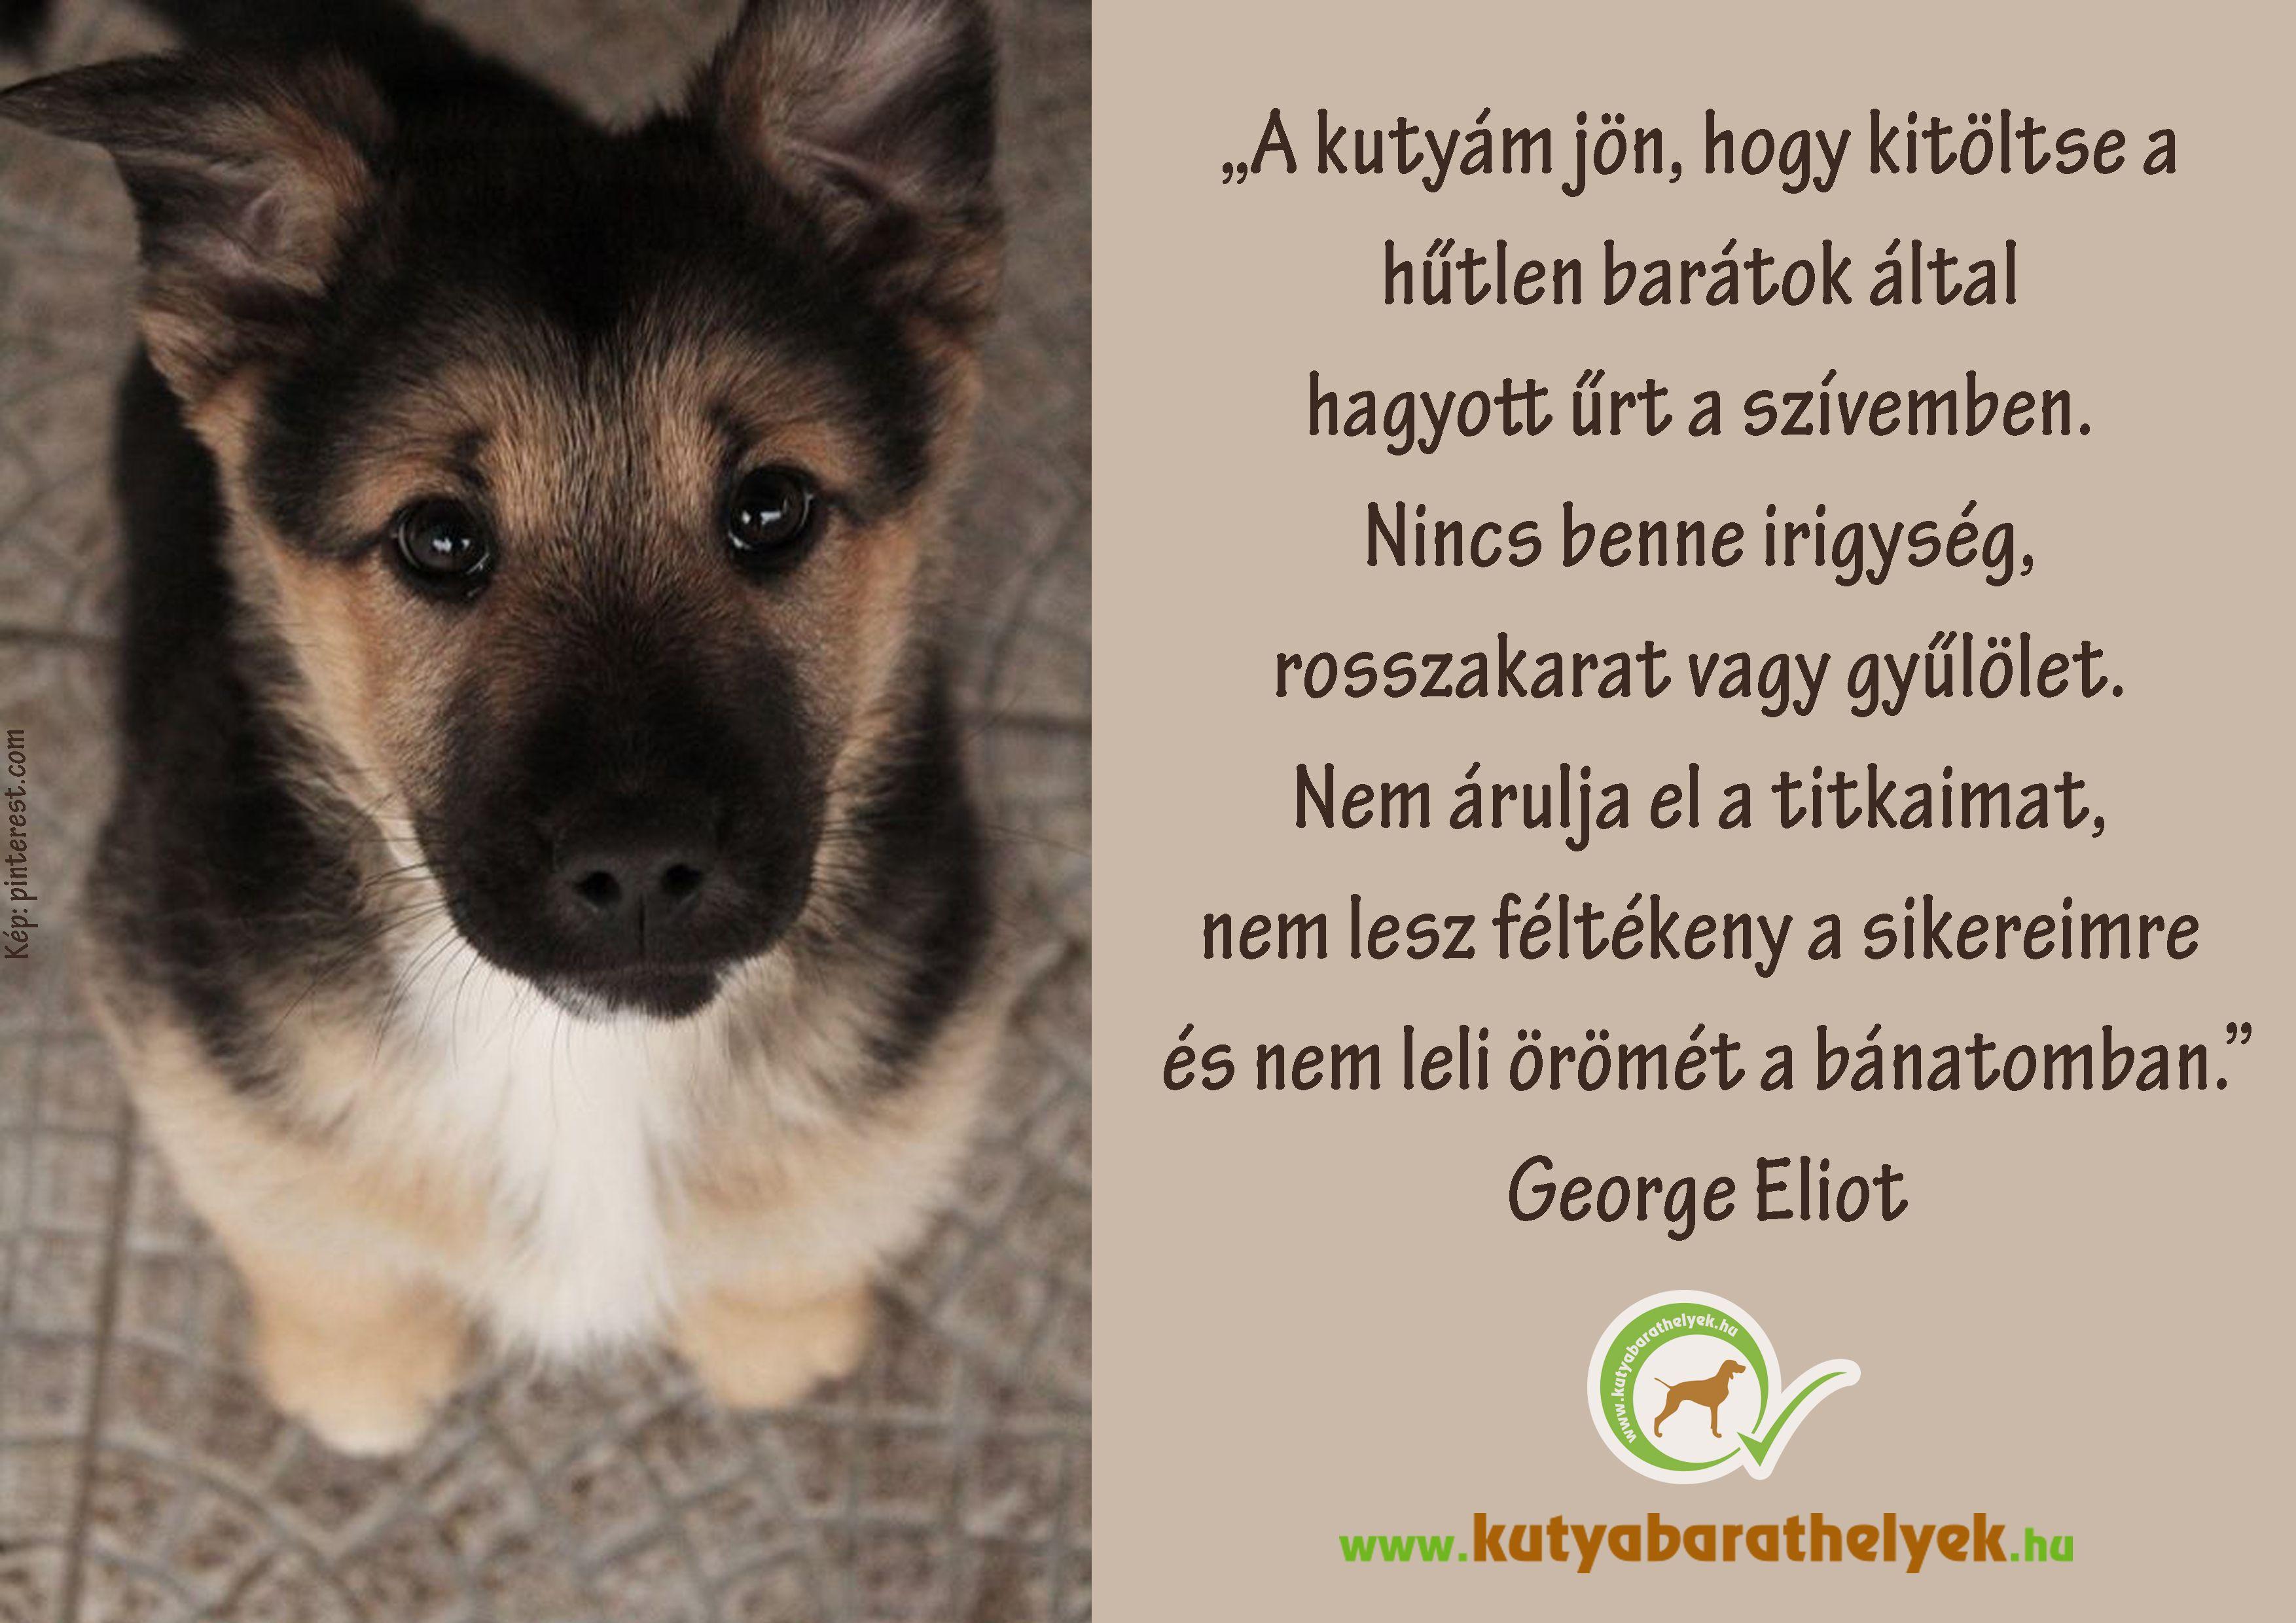 hűtlen barátok idézetek A kutyám jön, hogy kitöltse a hűtlen barátok által hagyott űrt a